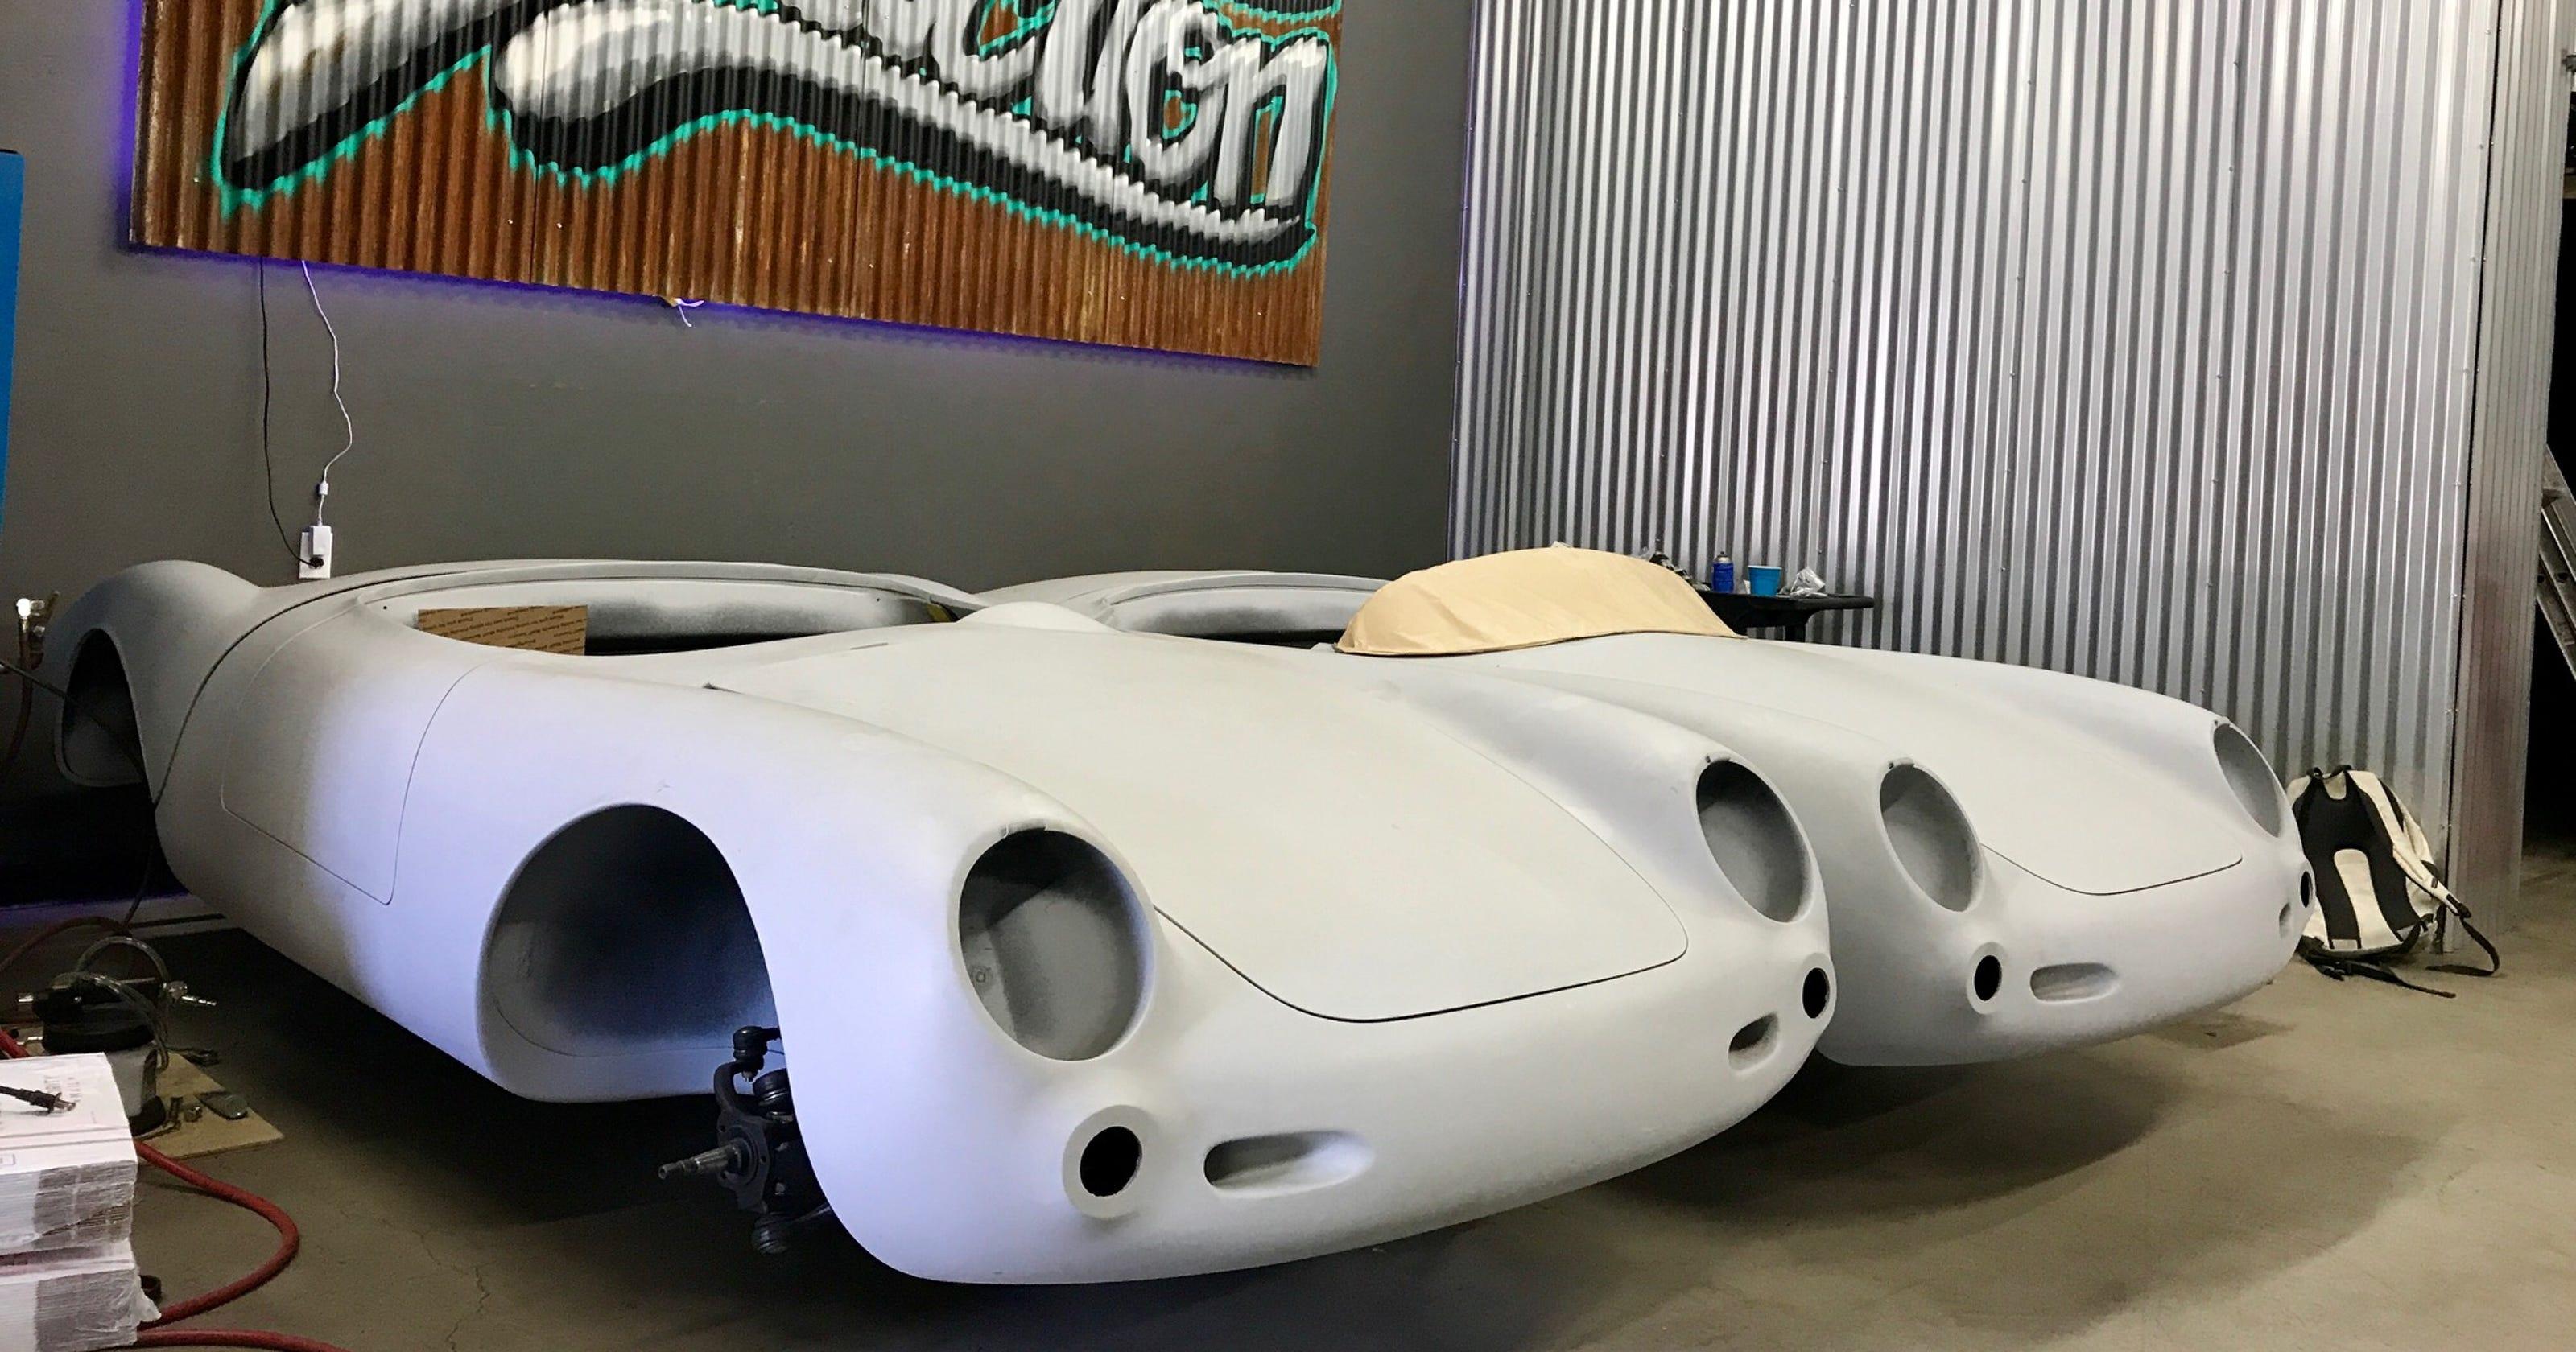 The joy of replicas: A $5 million car for $50,000